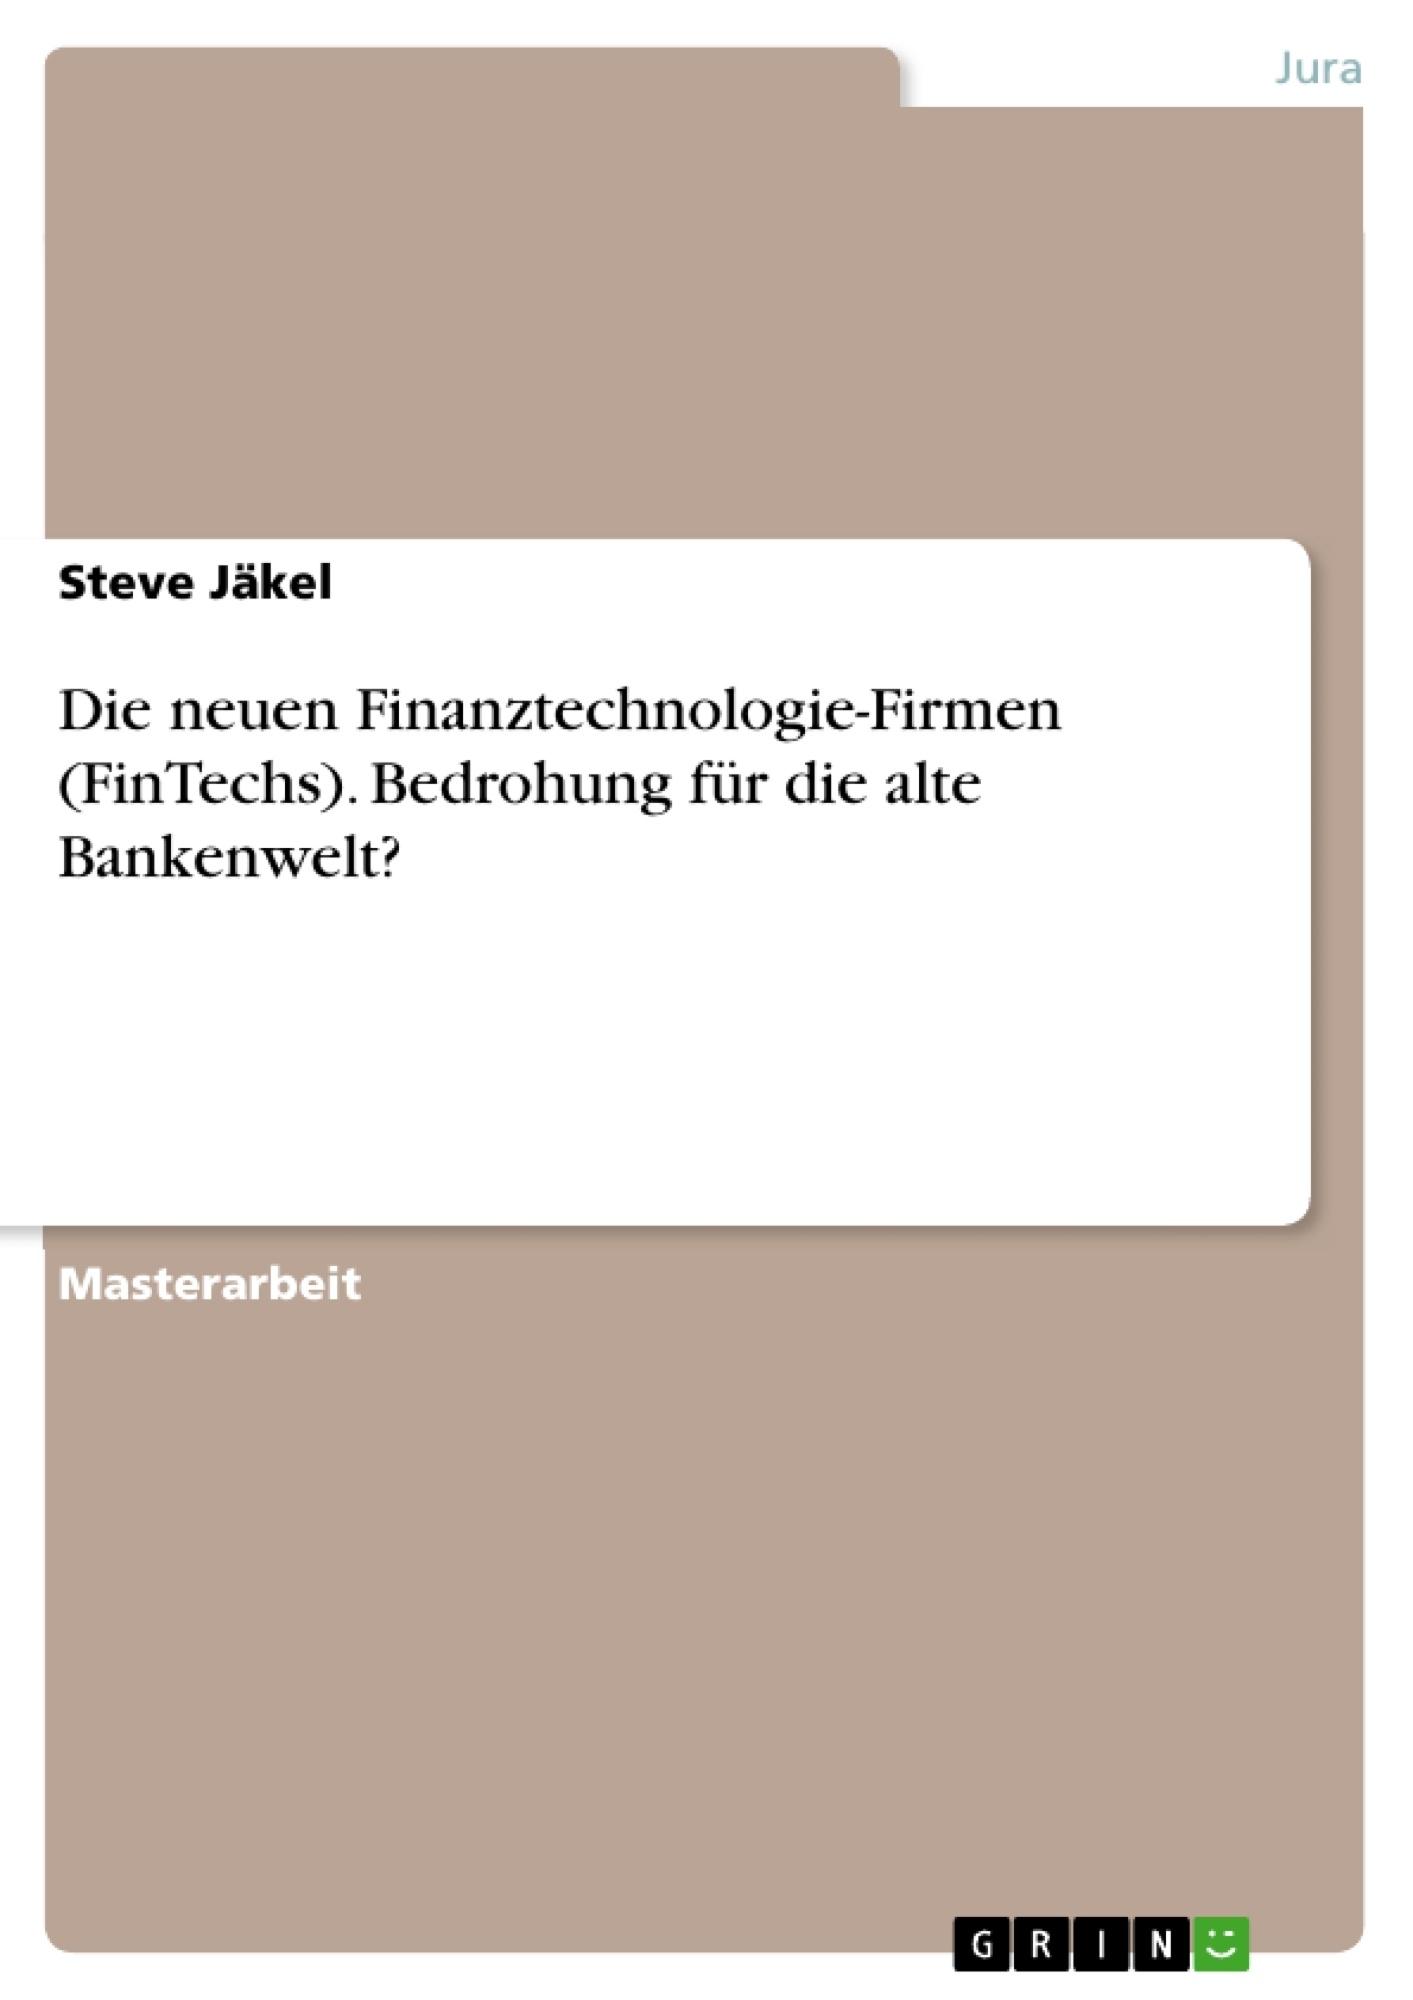 Titel: Die neuen Finanztechnologie-Firmen (FinTechs). Bedrohung für die alte Bankenwelt?